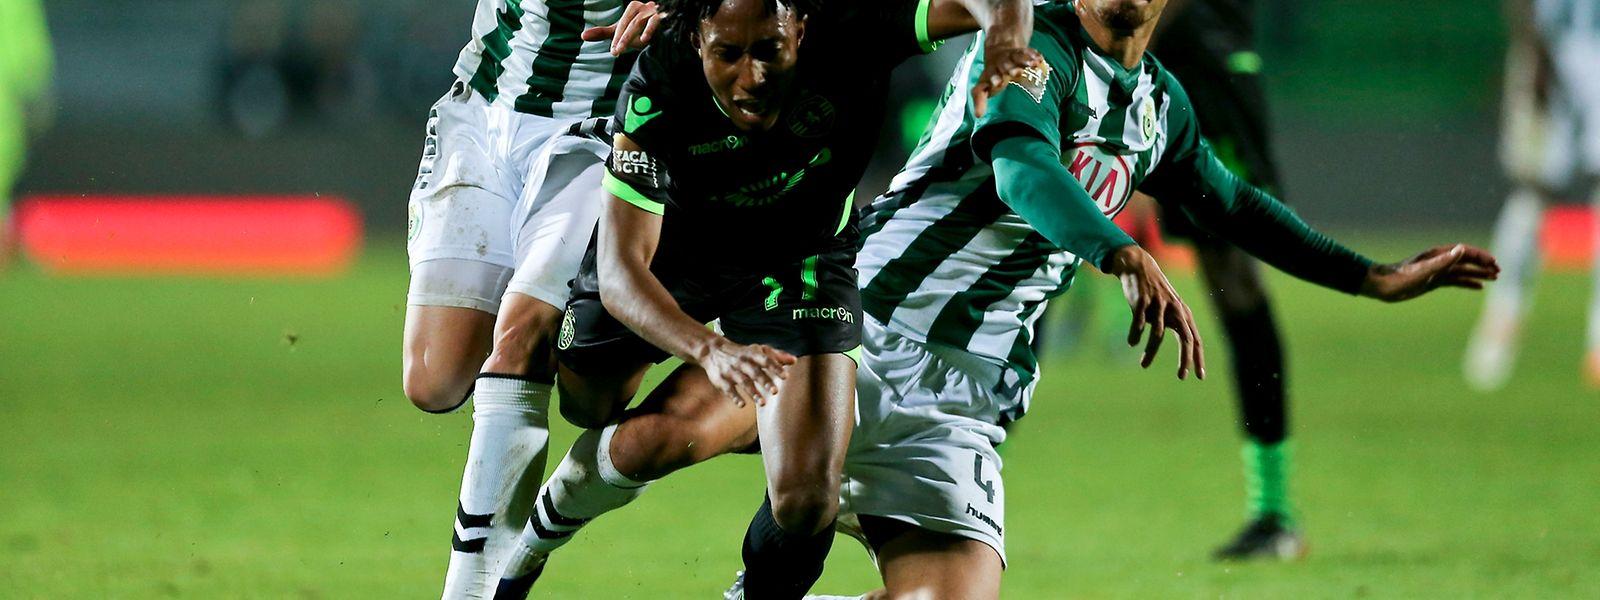 Os jogadores do Vitória de Setúbal Nuno Santos (E) e Fábio Cardoso (D) disputam a bola com Gelson Martins do Sporting durante o jogo do grupo A da Taça da Liga disputado no estádio do Bonfim em Setúbal, 4 de janeiro de 2017. MIGUEL A. LOPES/LUSA